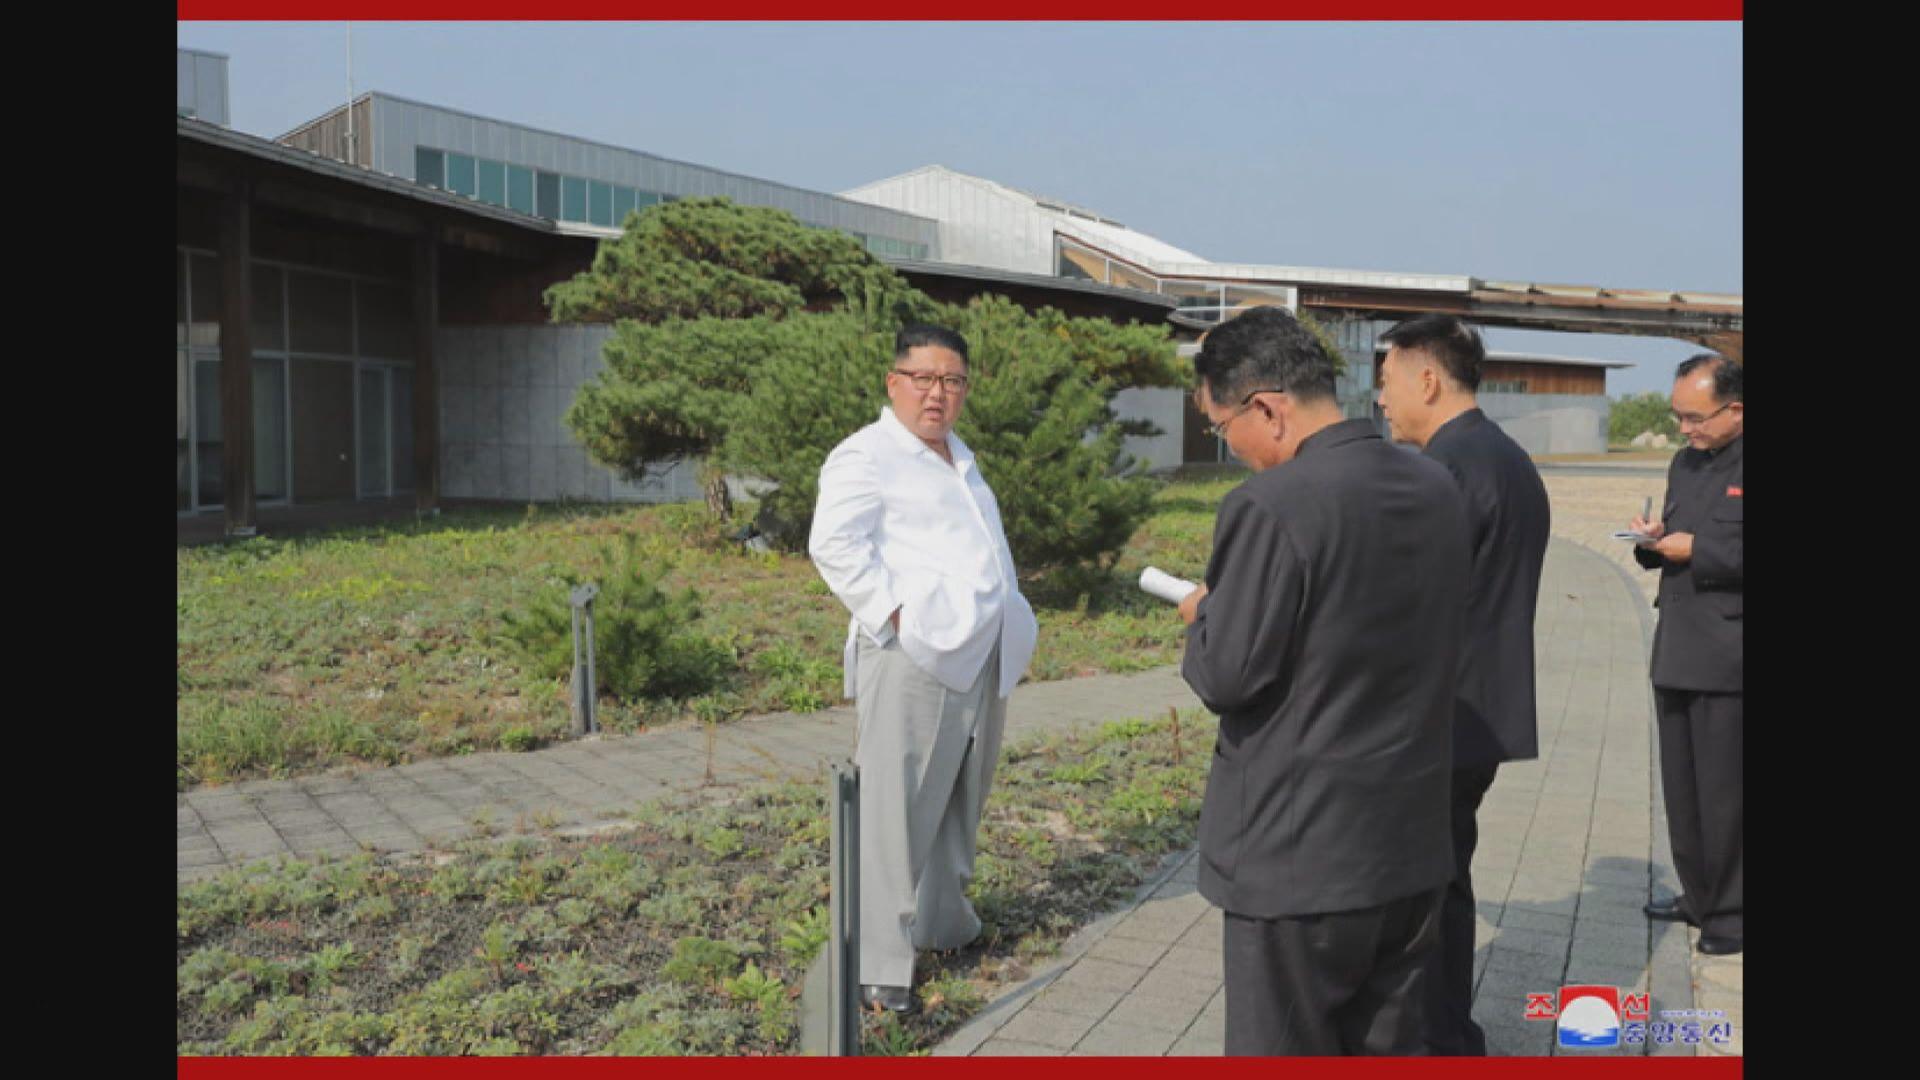 金正恩下令拆南韓設施 或顯示對南韓感失望